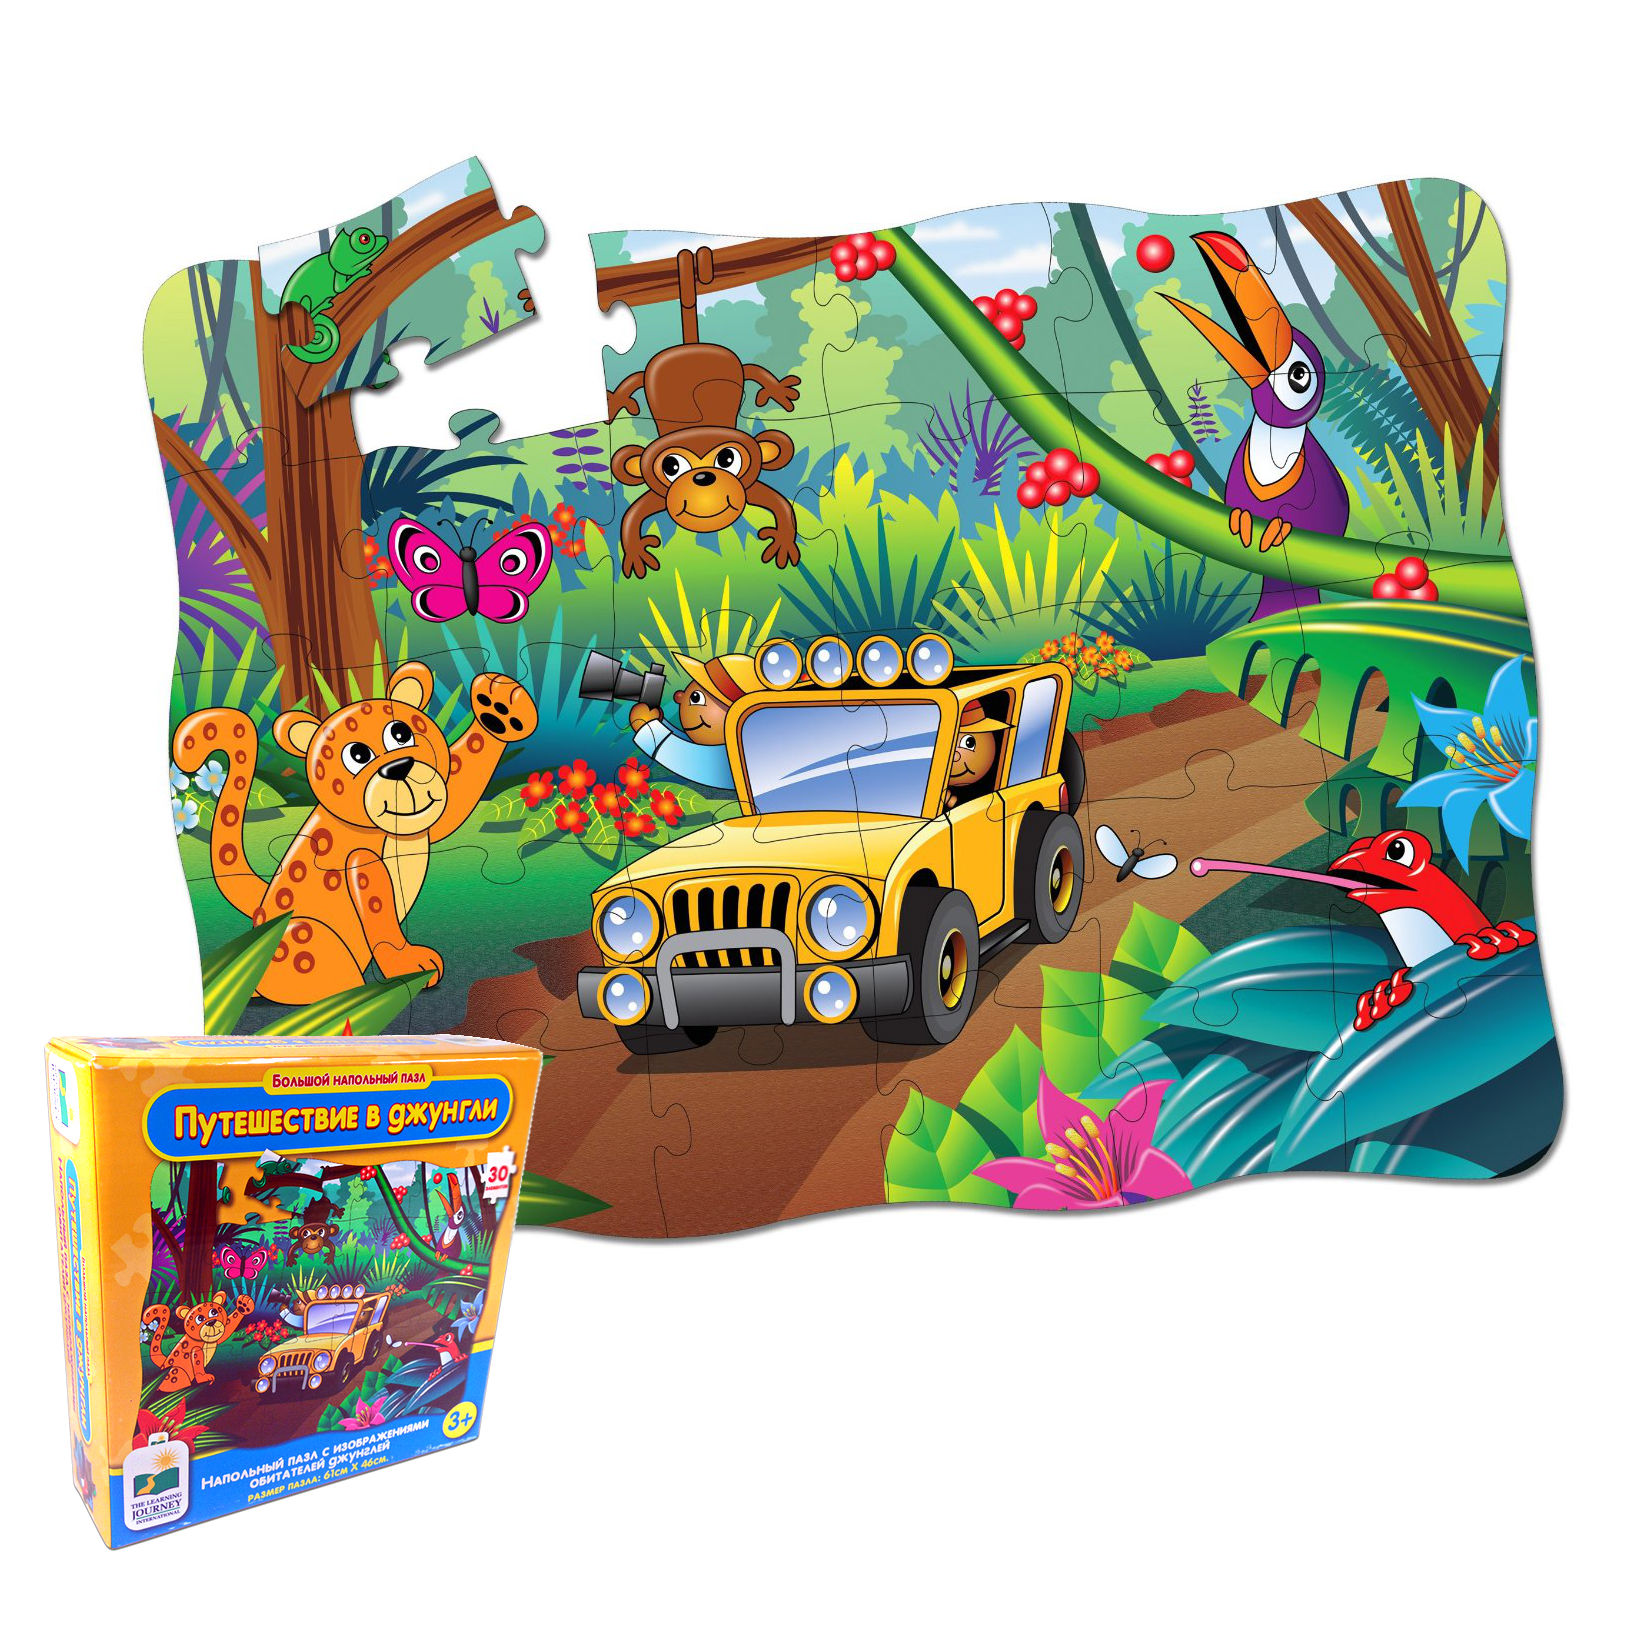 Пазл «Путешествие в джунгли»Пазлы для малышей<br>Пазл «Путешествие в джунгли»<br>